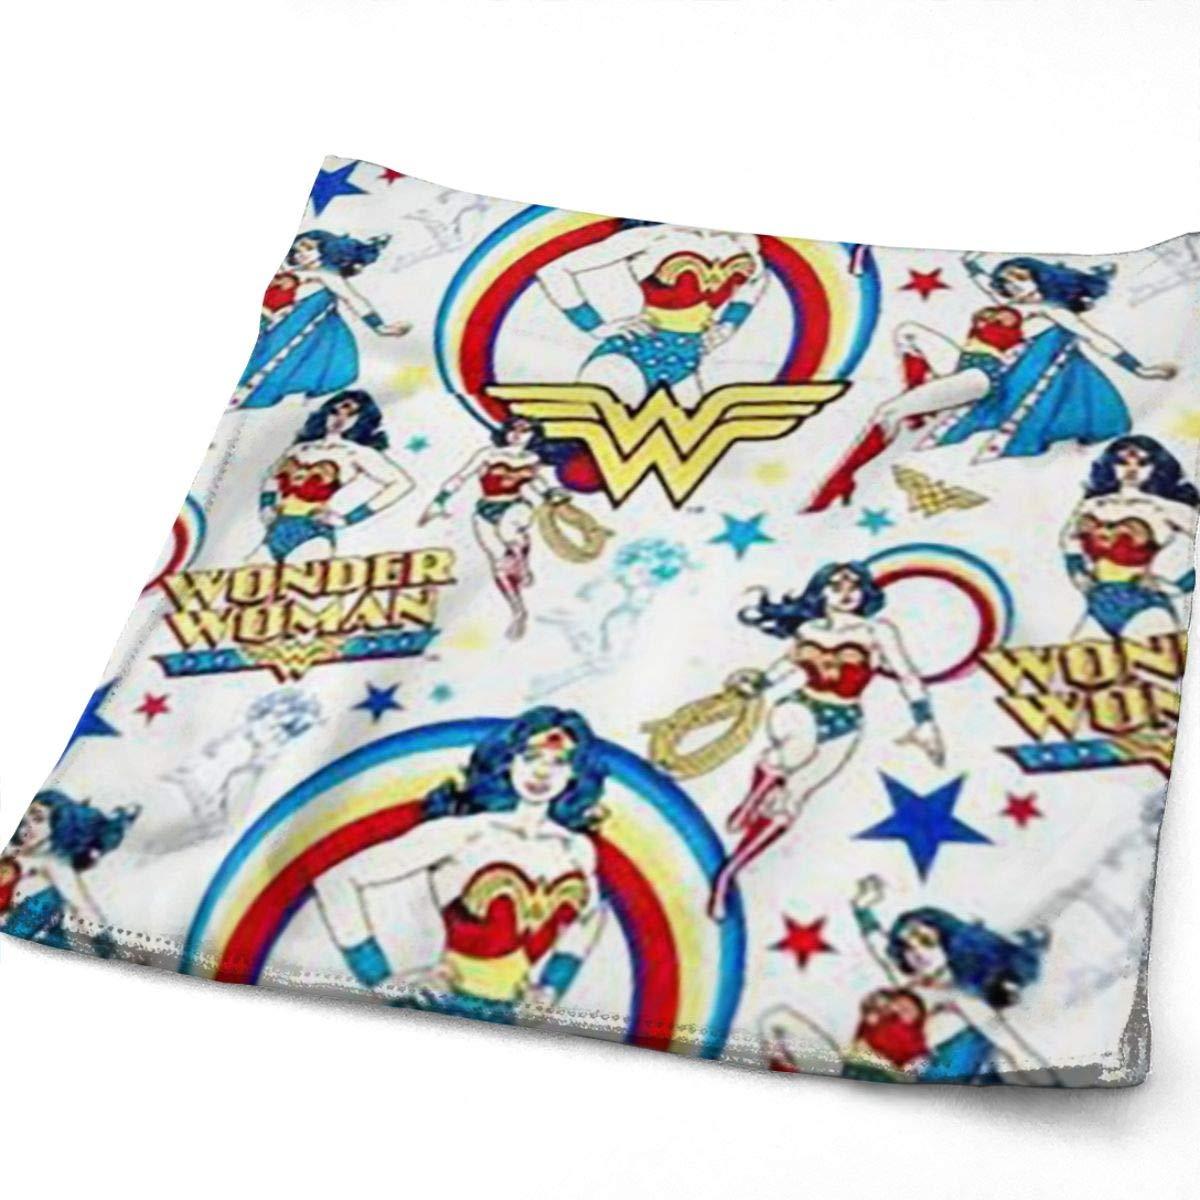 Playa Ideal para Uso Diario Toallas de ba/ño Ultra Suaves de 11.8X 27.5en para Piscina Viaje Greatbe Toallas Deportivas Resistentes Wonder Woman